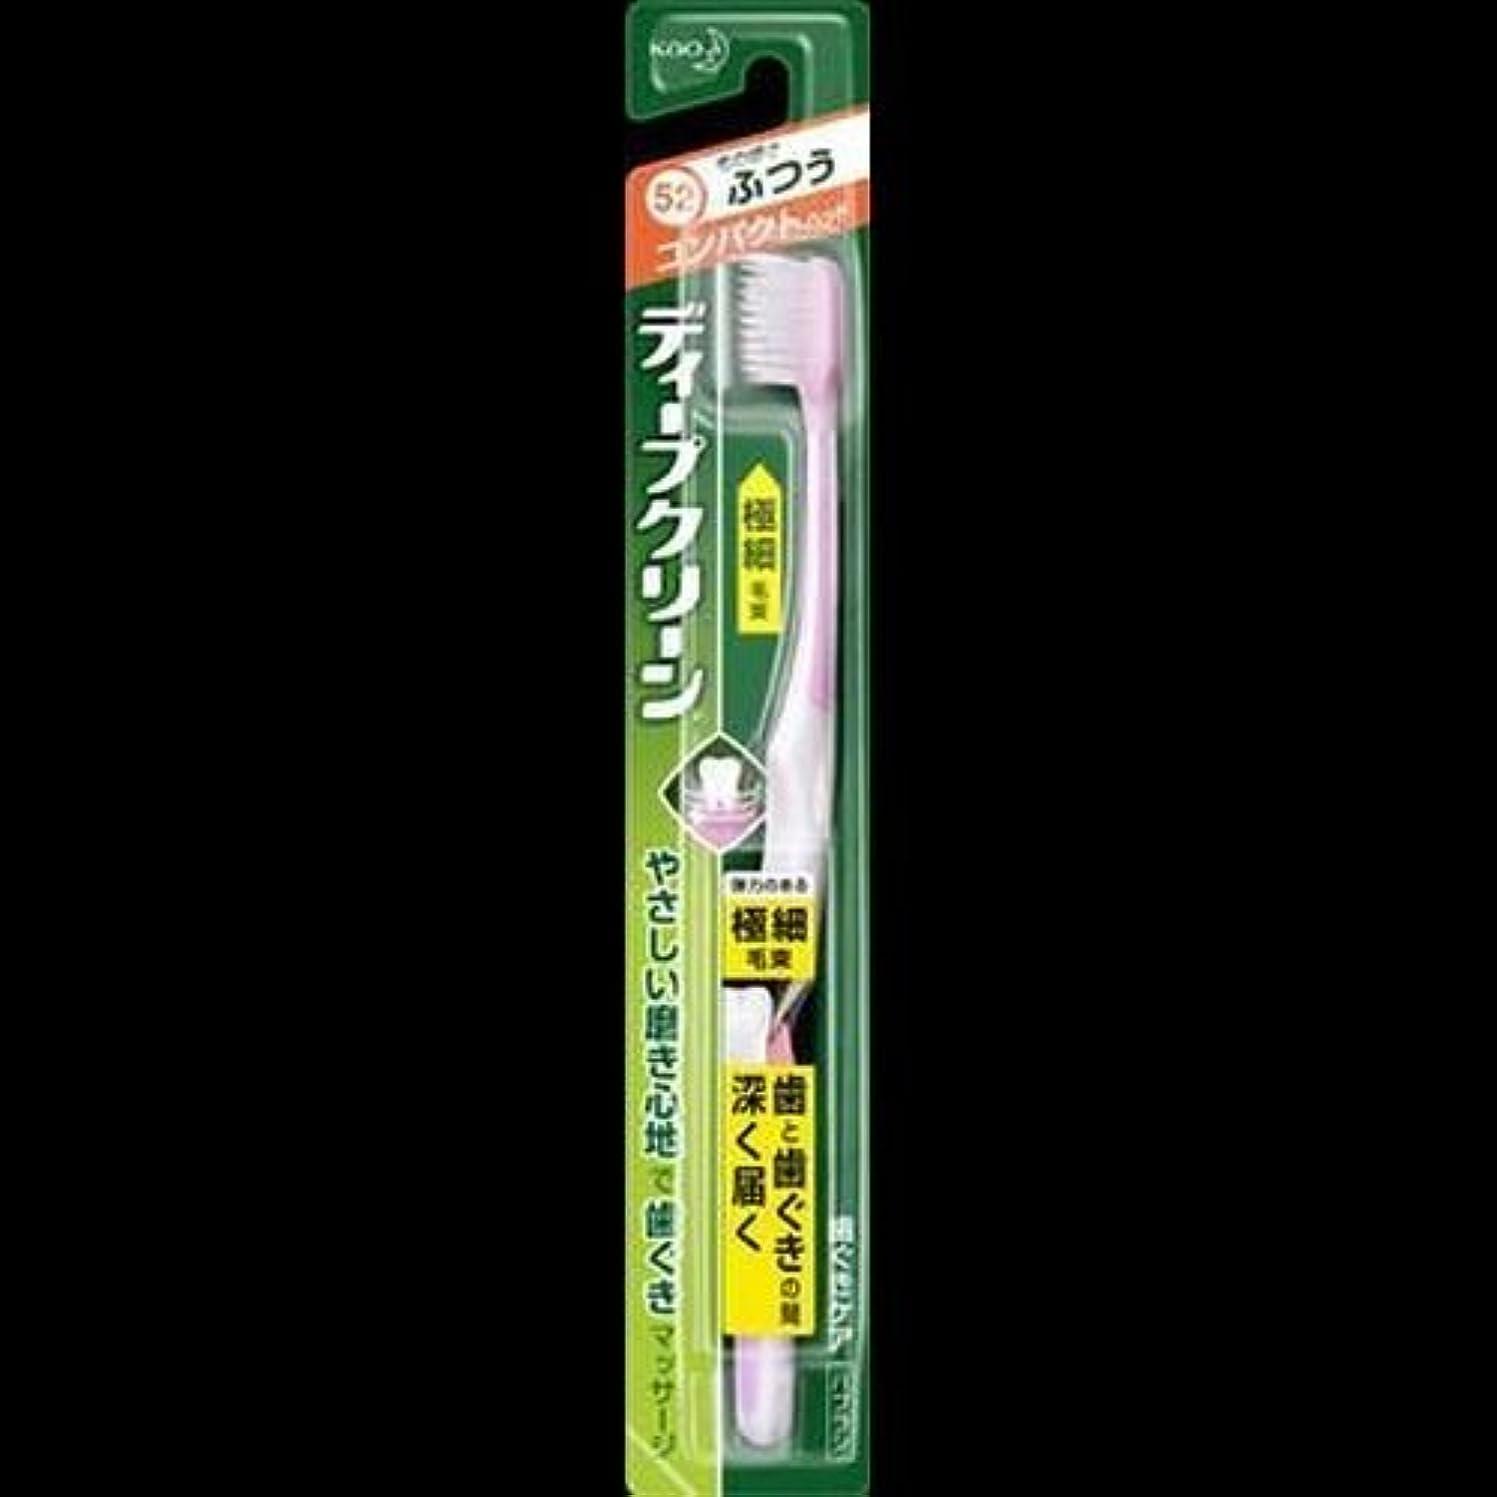 肺束ラショナル【まとめ買い】ディープクリーン ハブラシ コンパクト ふつう ×2セット